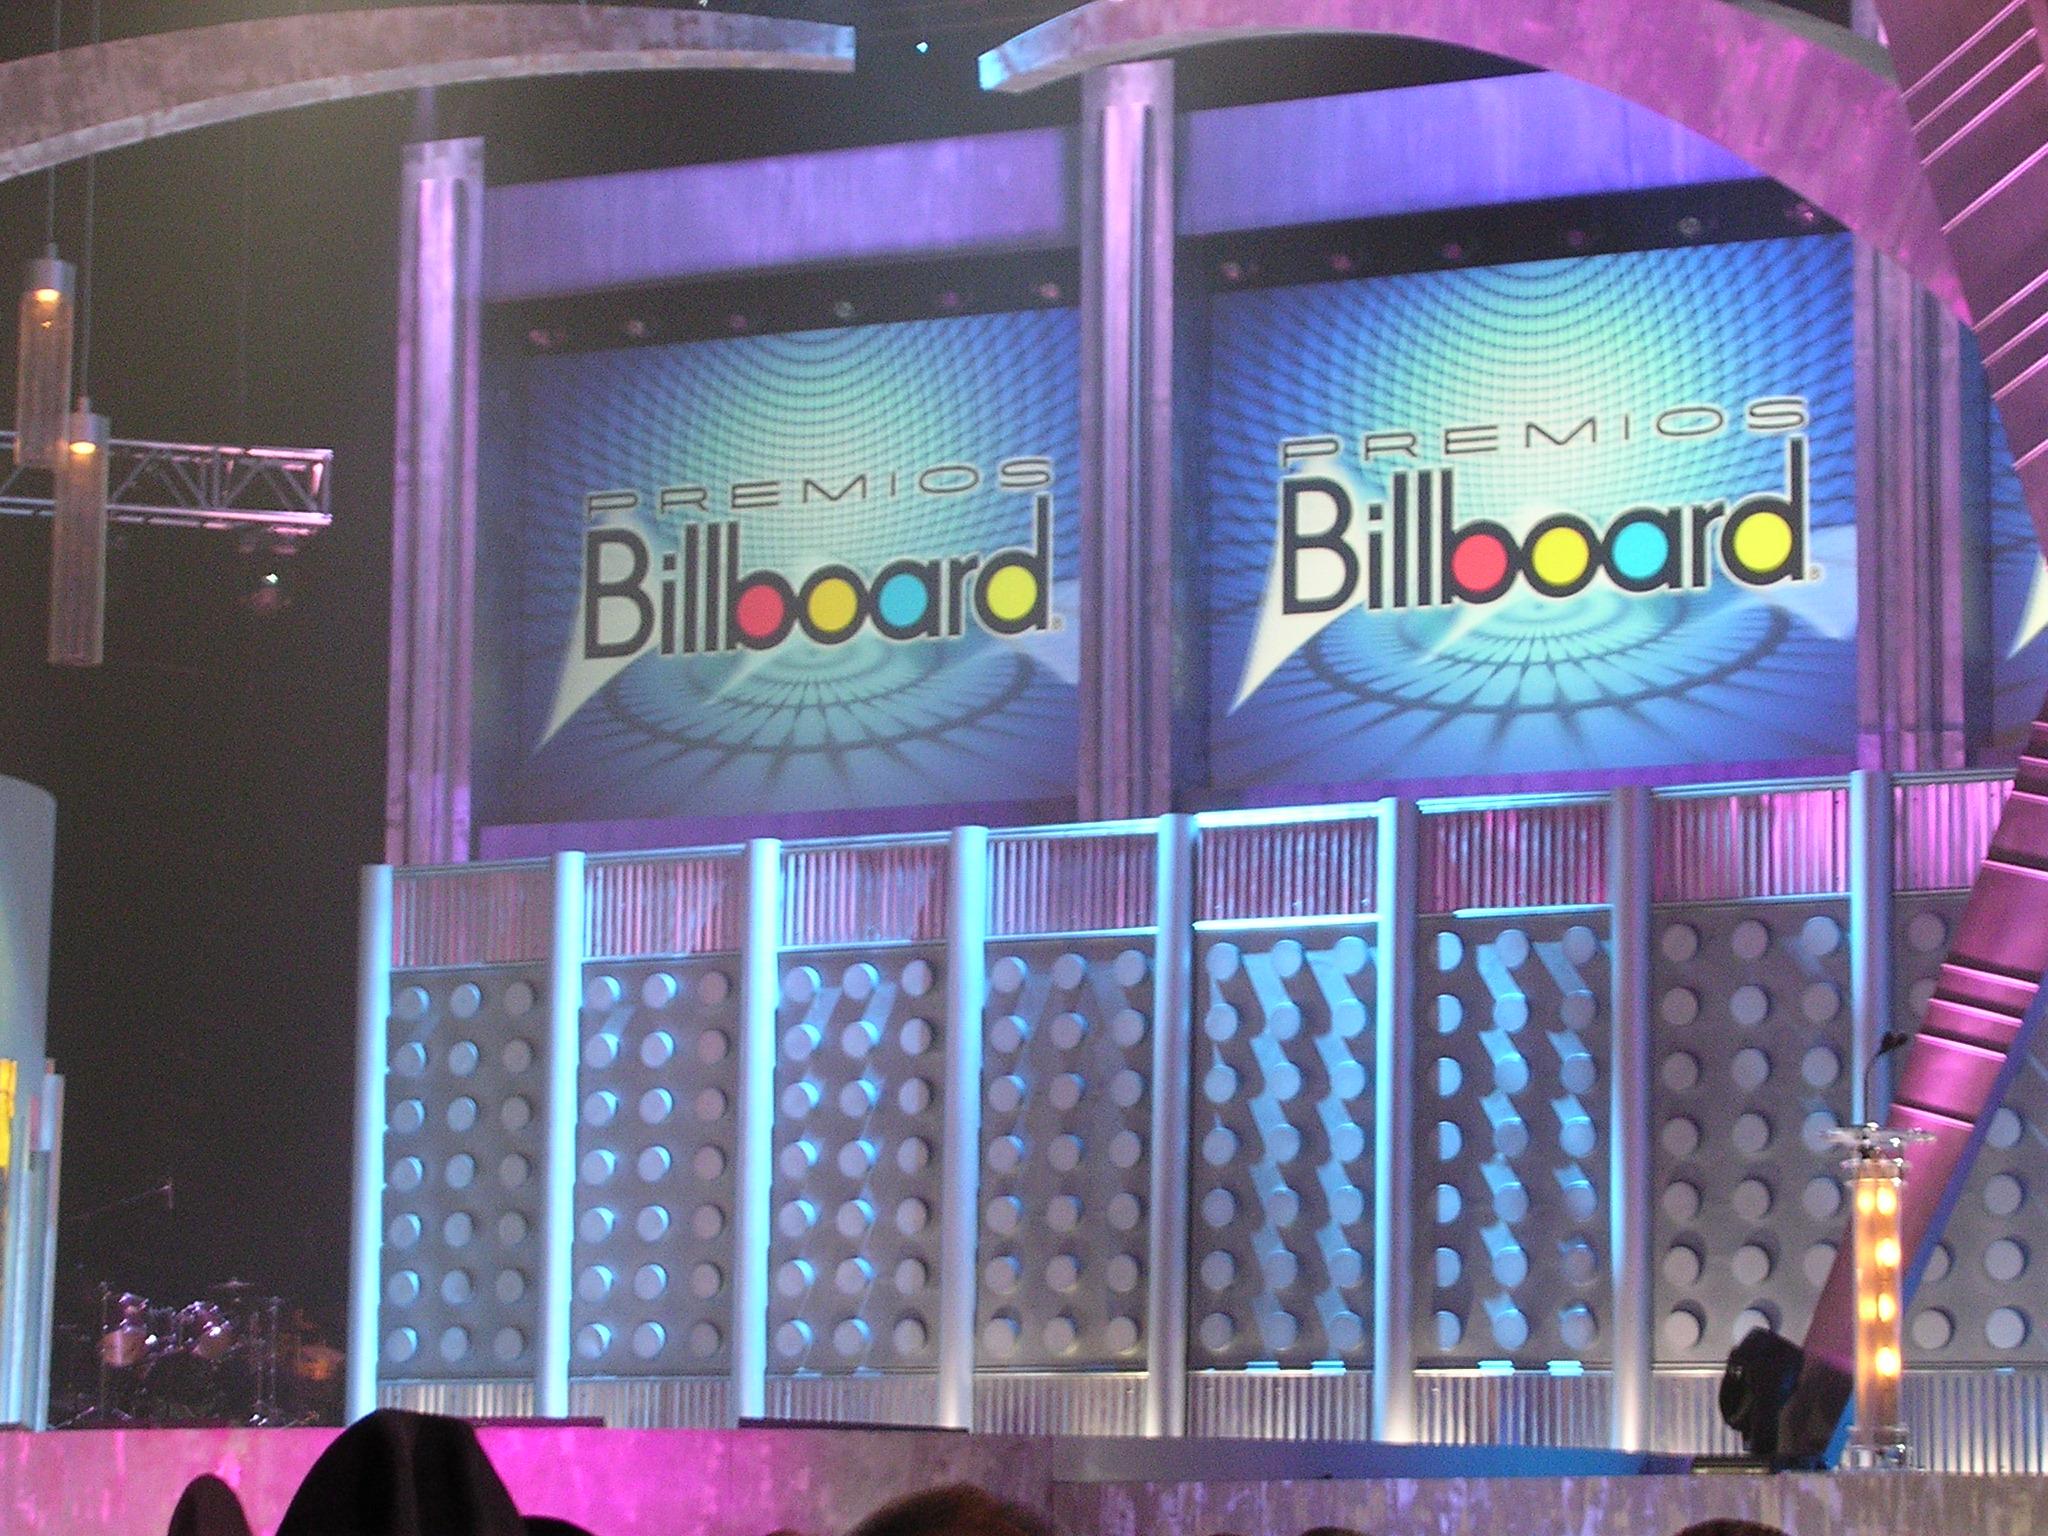 propmasters-billboards-awards-sets-09